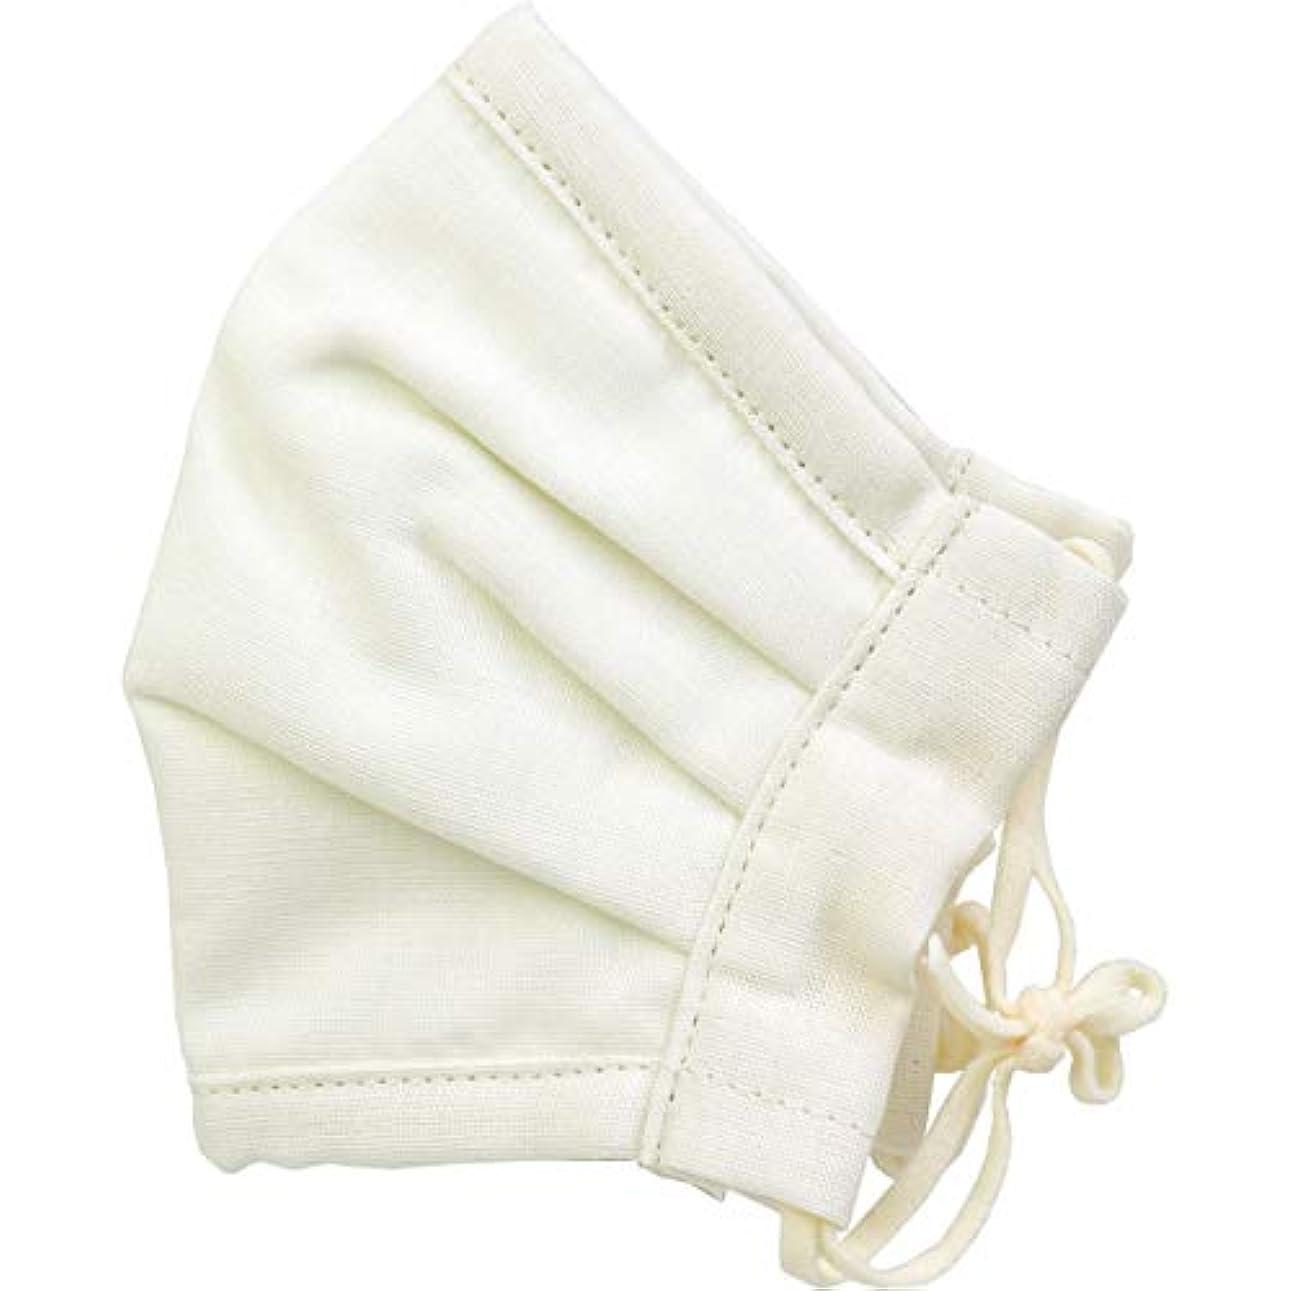 ニッケル議論する暖炉さらふわマスクダイヤドビー 敏感肌用 アイボリー ふつうサイズ 1枚入(単品)